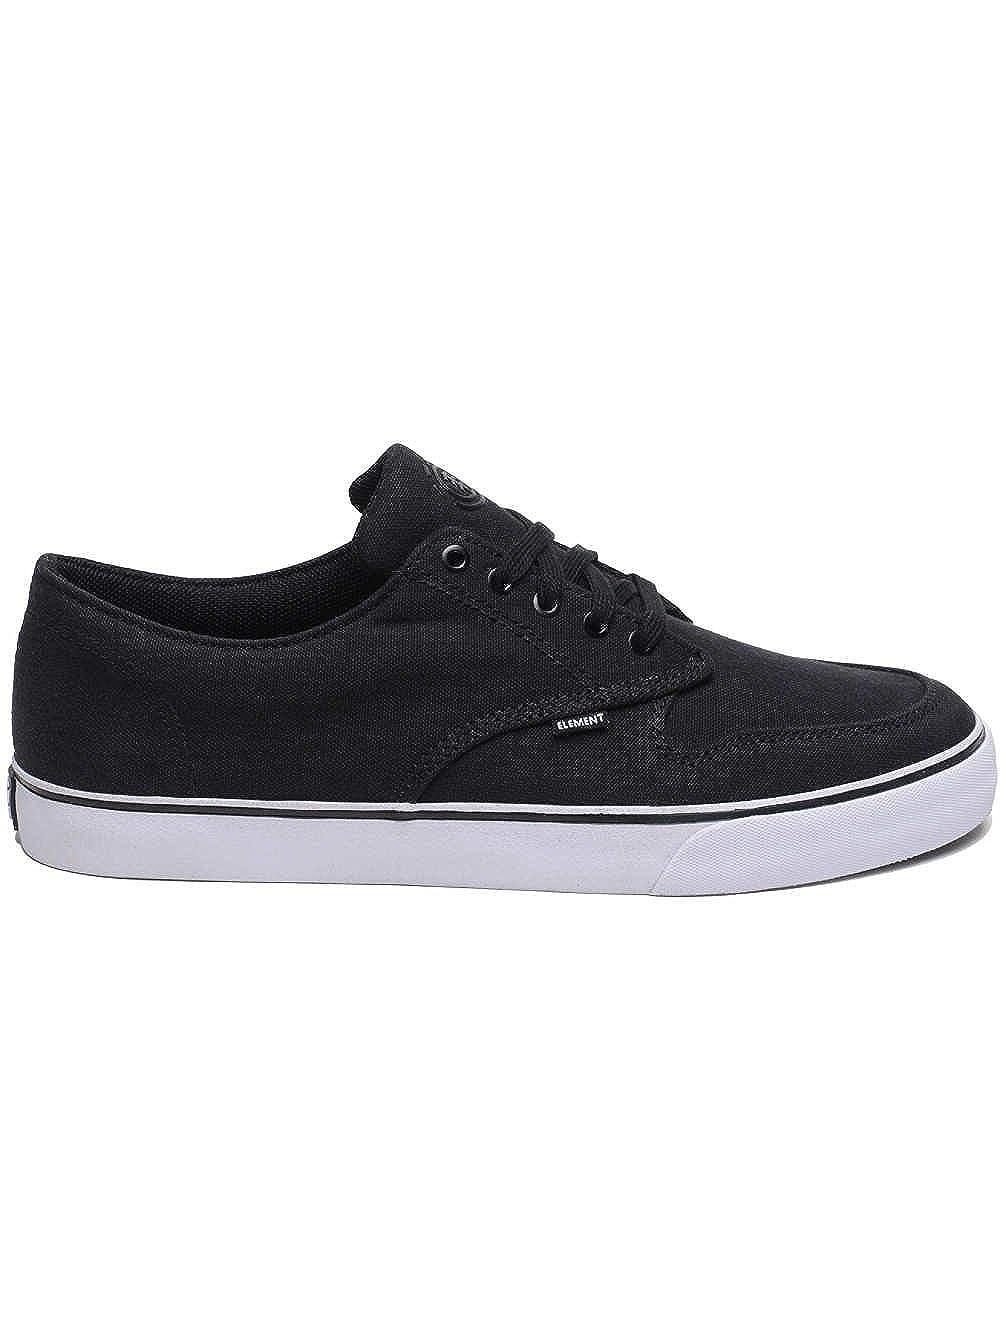 Zapatos Element Topaz C3 Negro Washed 40.5 EU